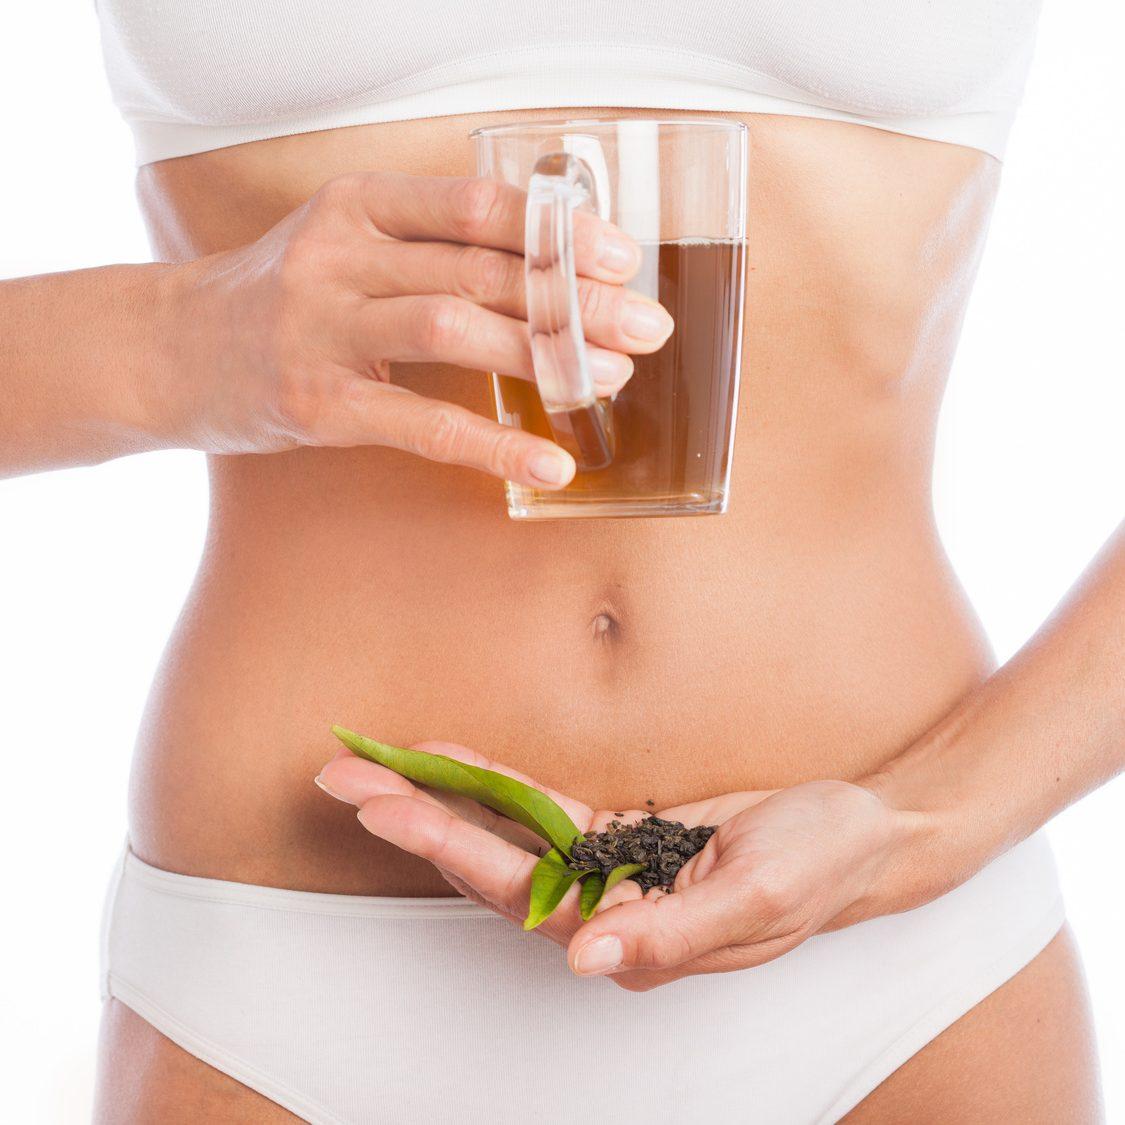 corps mince de femme tenant une tasse de th